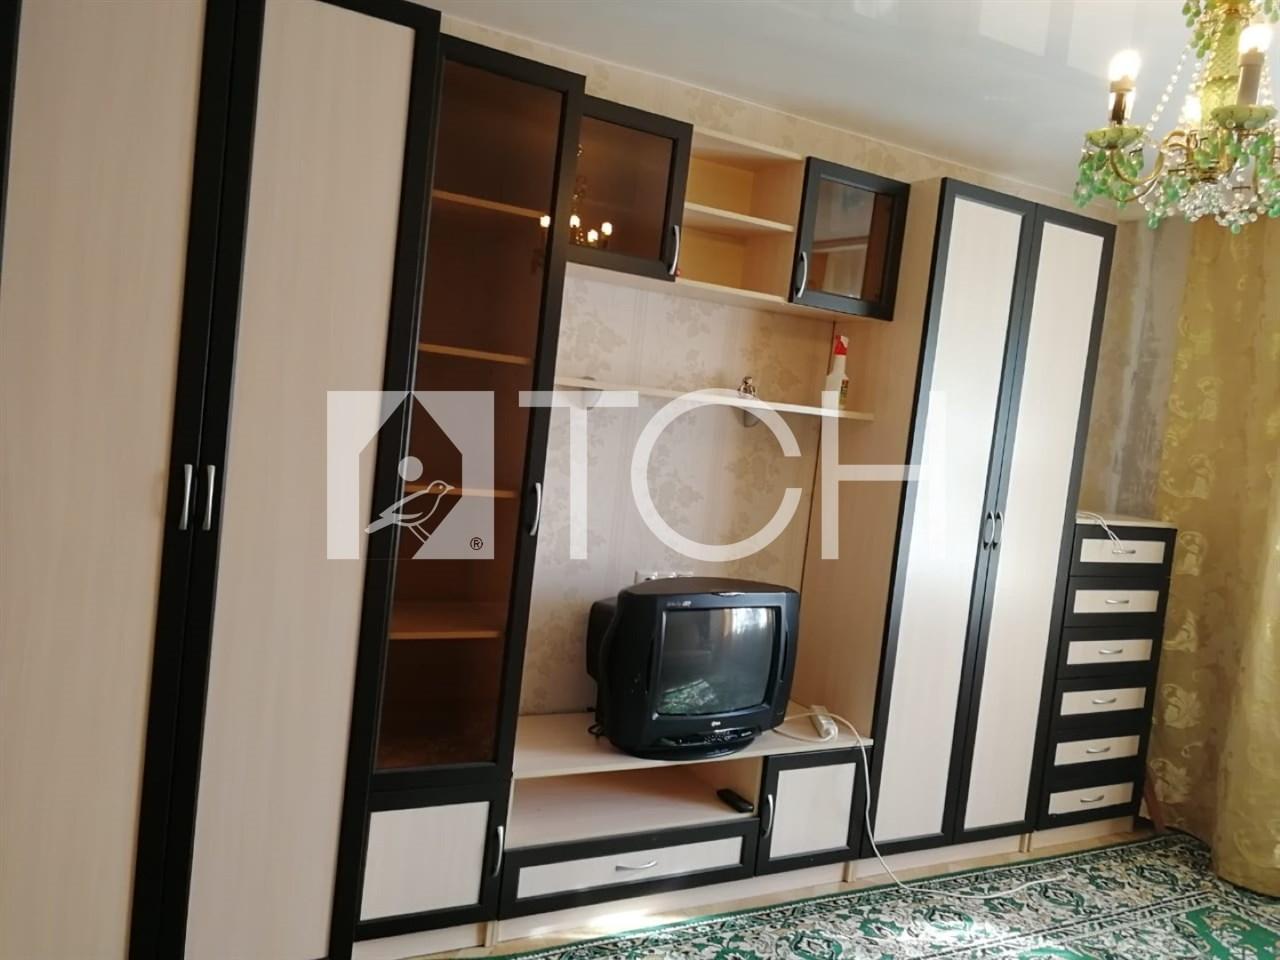 Apartment, 1 room, 35 m2 in Shchyolkovo 89261425000 buy 7